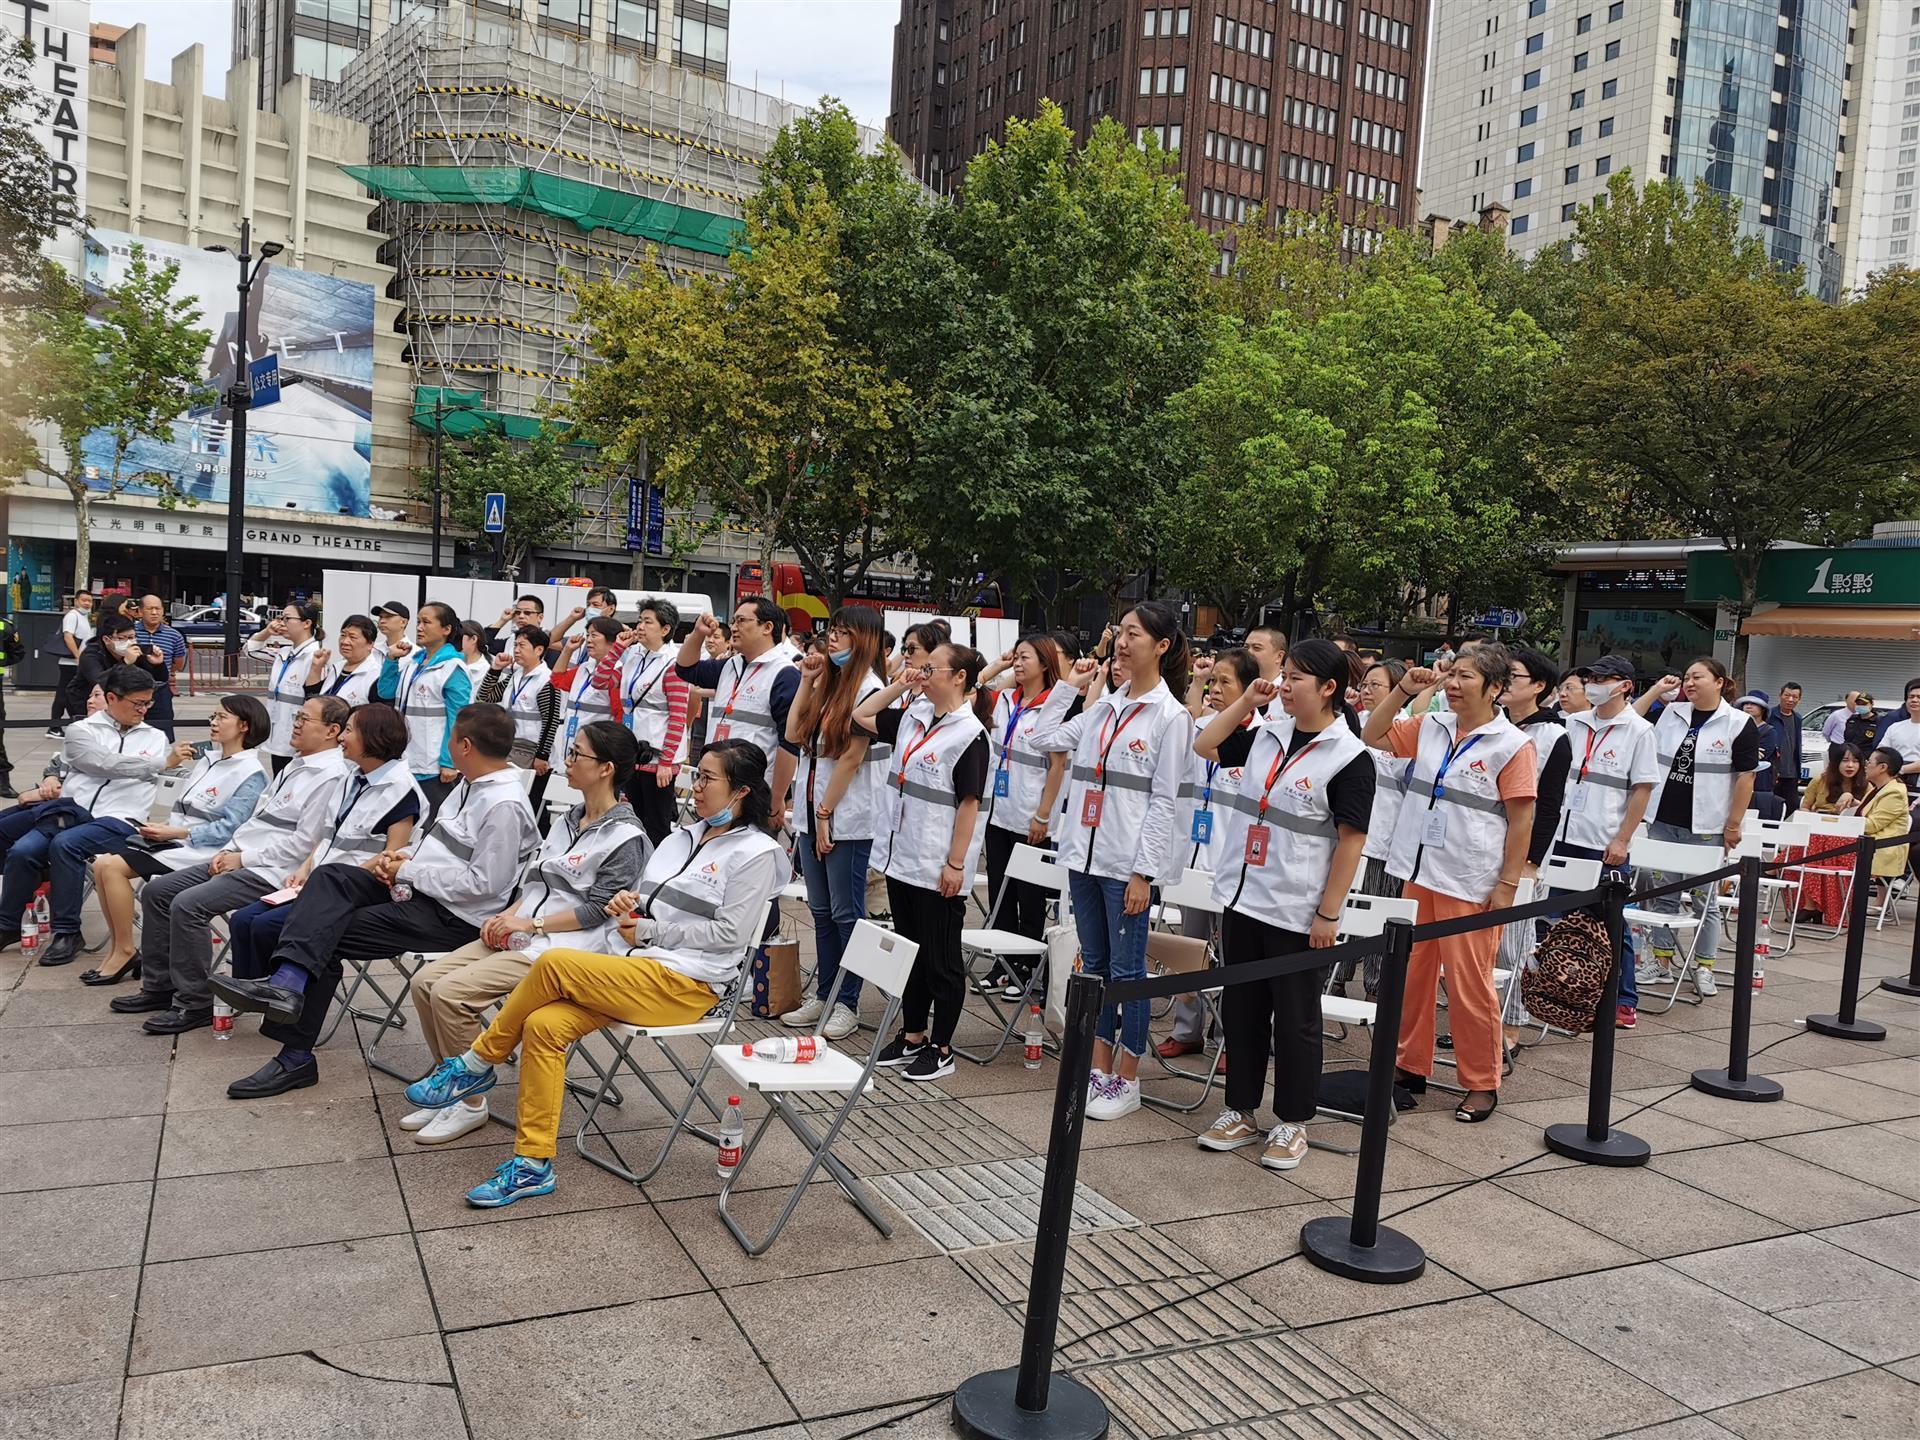 第七次全国人口普查即将启动,普查员准备好了,期待上海市民配合